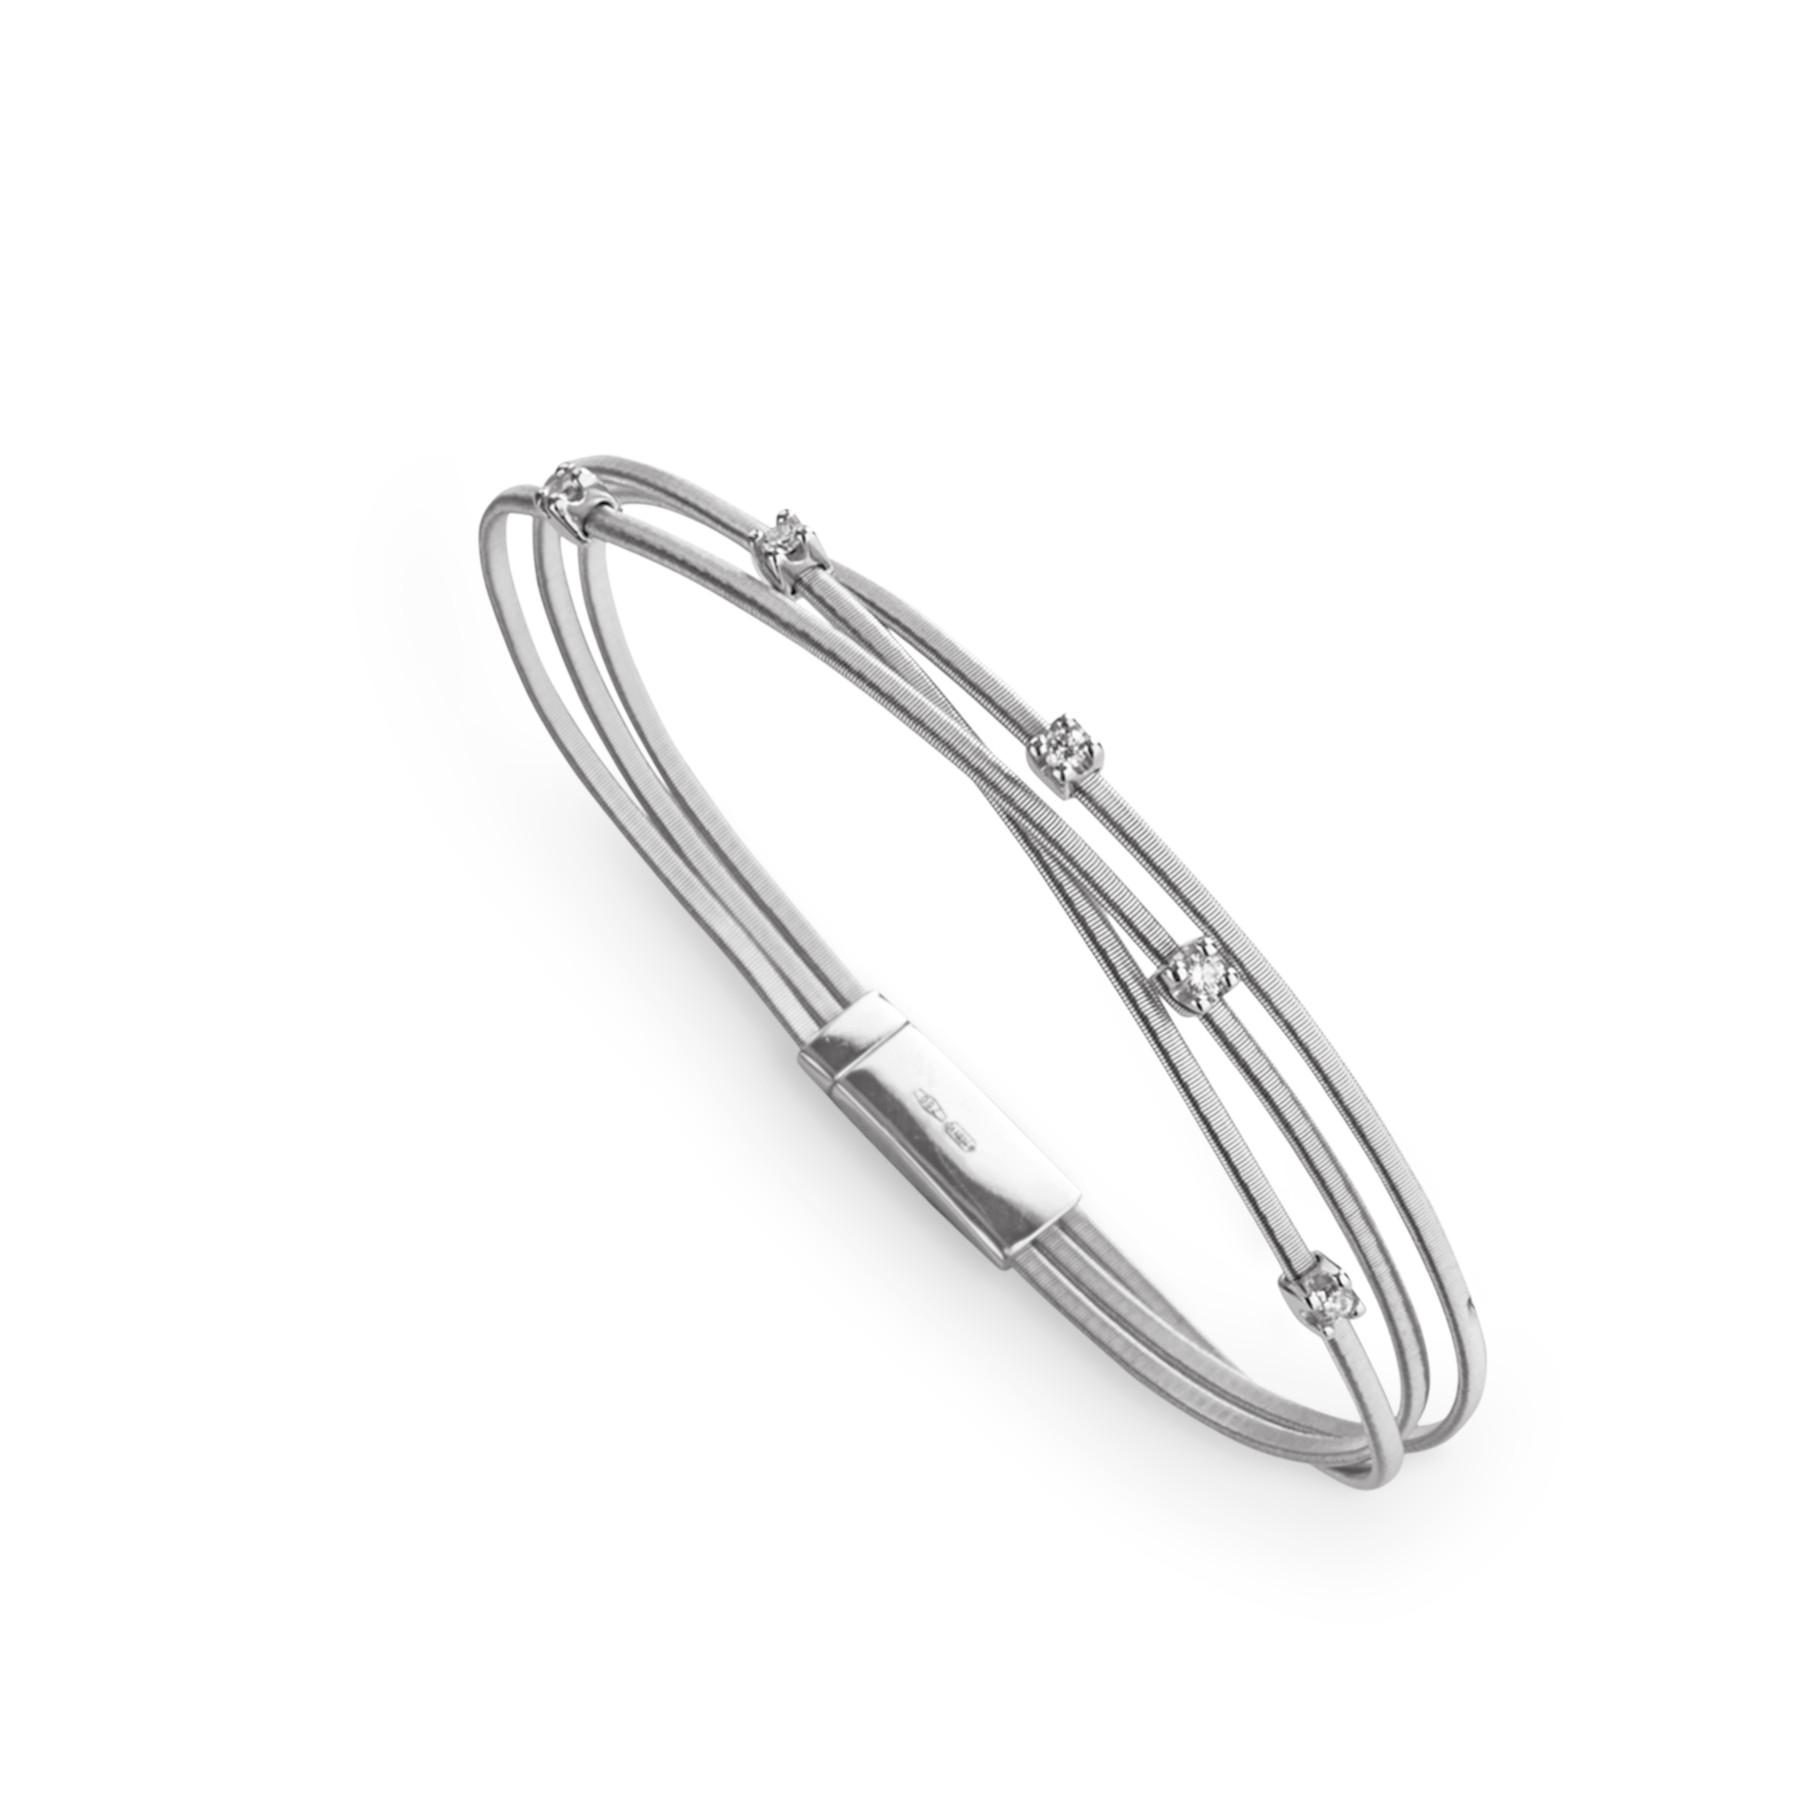 Marco Bicego Goa 18kt White Gold 3-Strand Bracelet with Diamonds .15TW